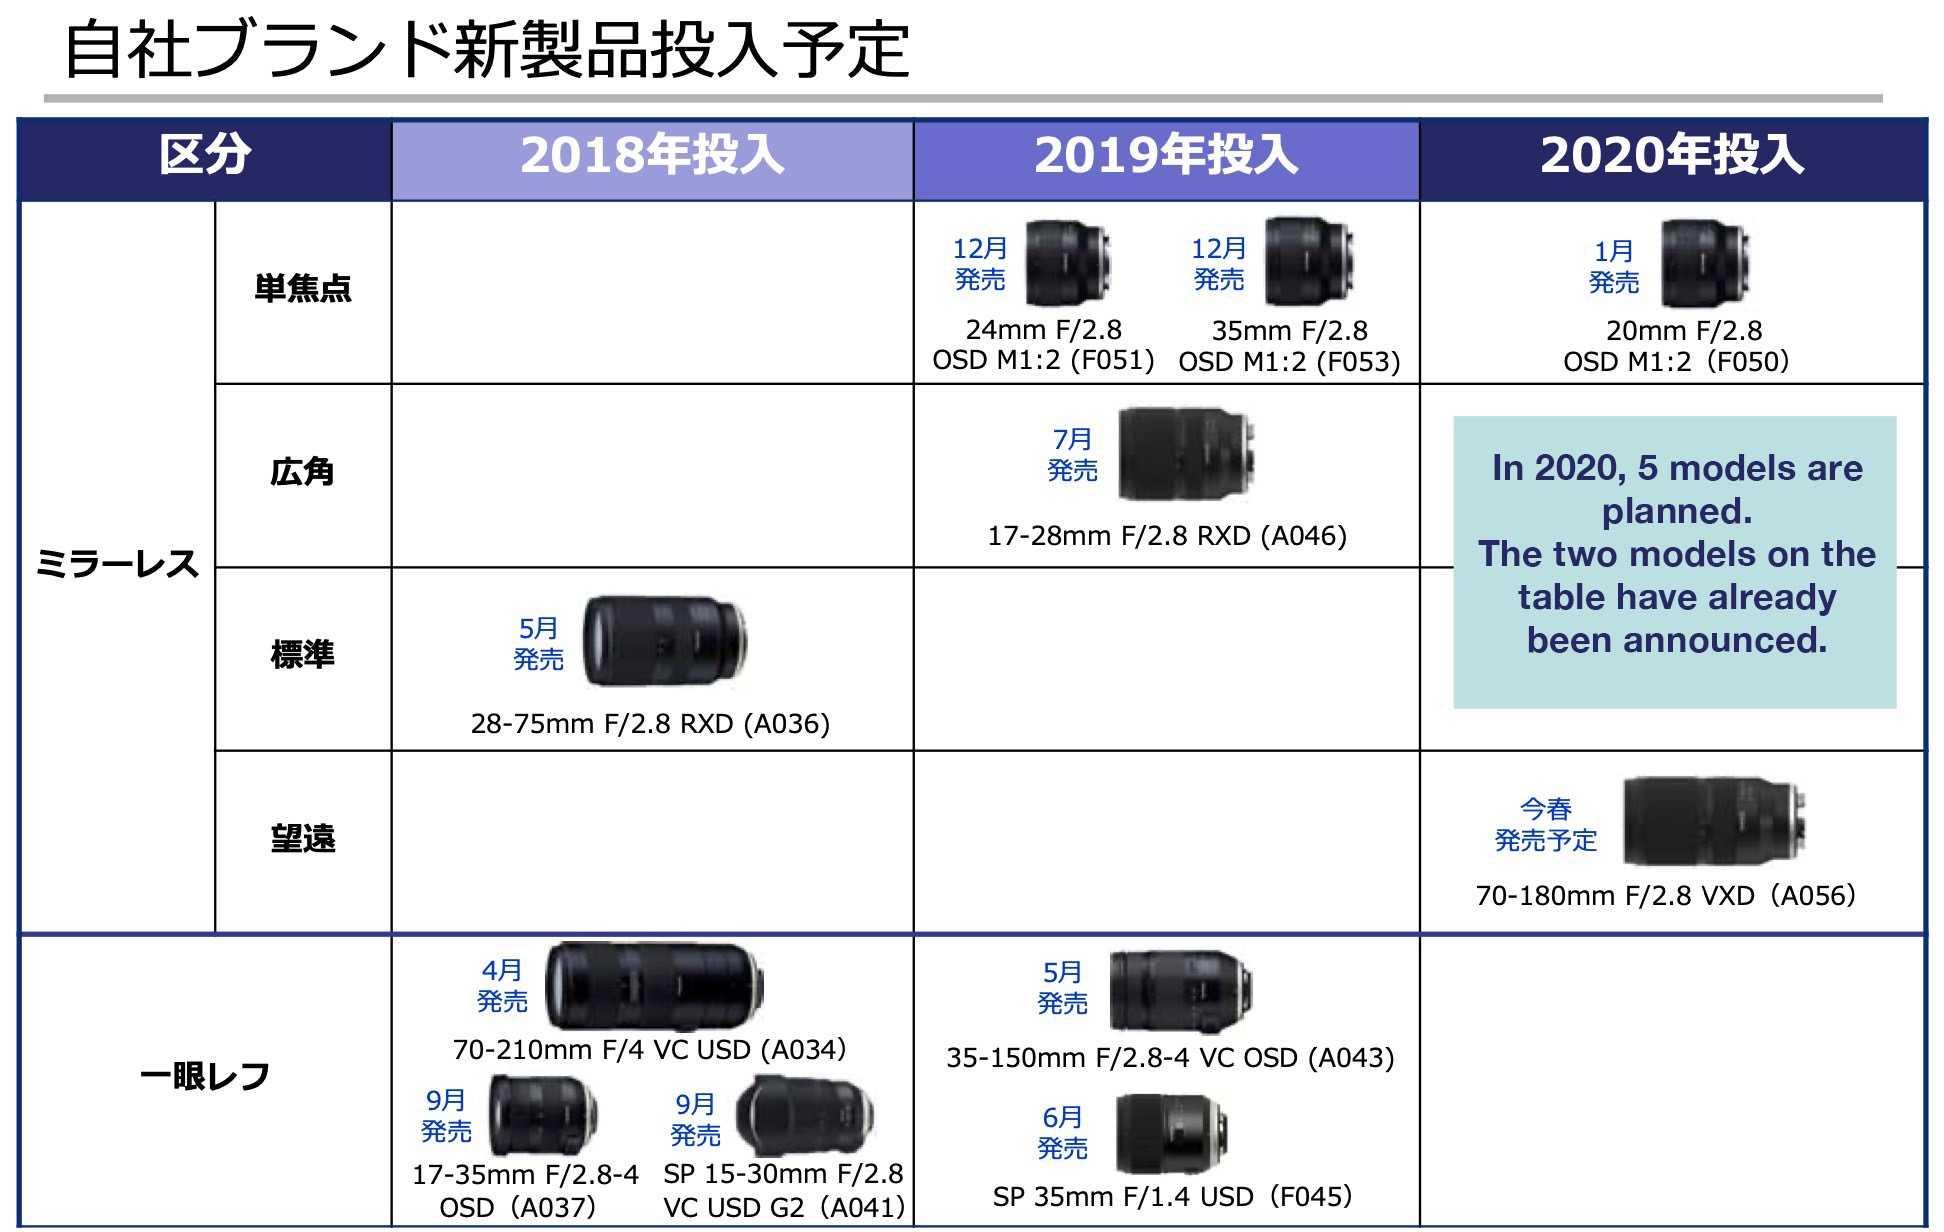 Лучшие новинки фототехники вы найдете в этом разделе. раздел поможет вам выбрать первый фотоаппарат или заменить морально устаревший аппарат на фотокамеру с нужными вам параметрами.